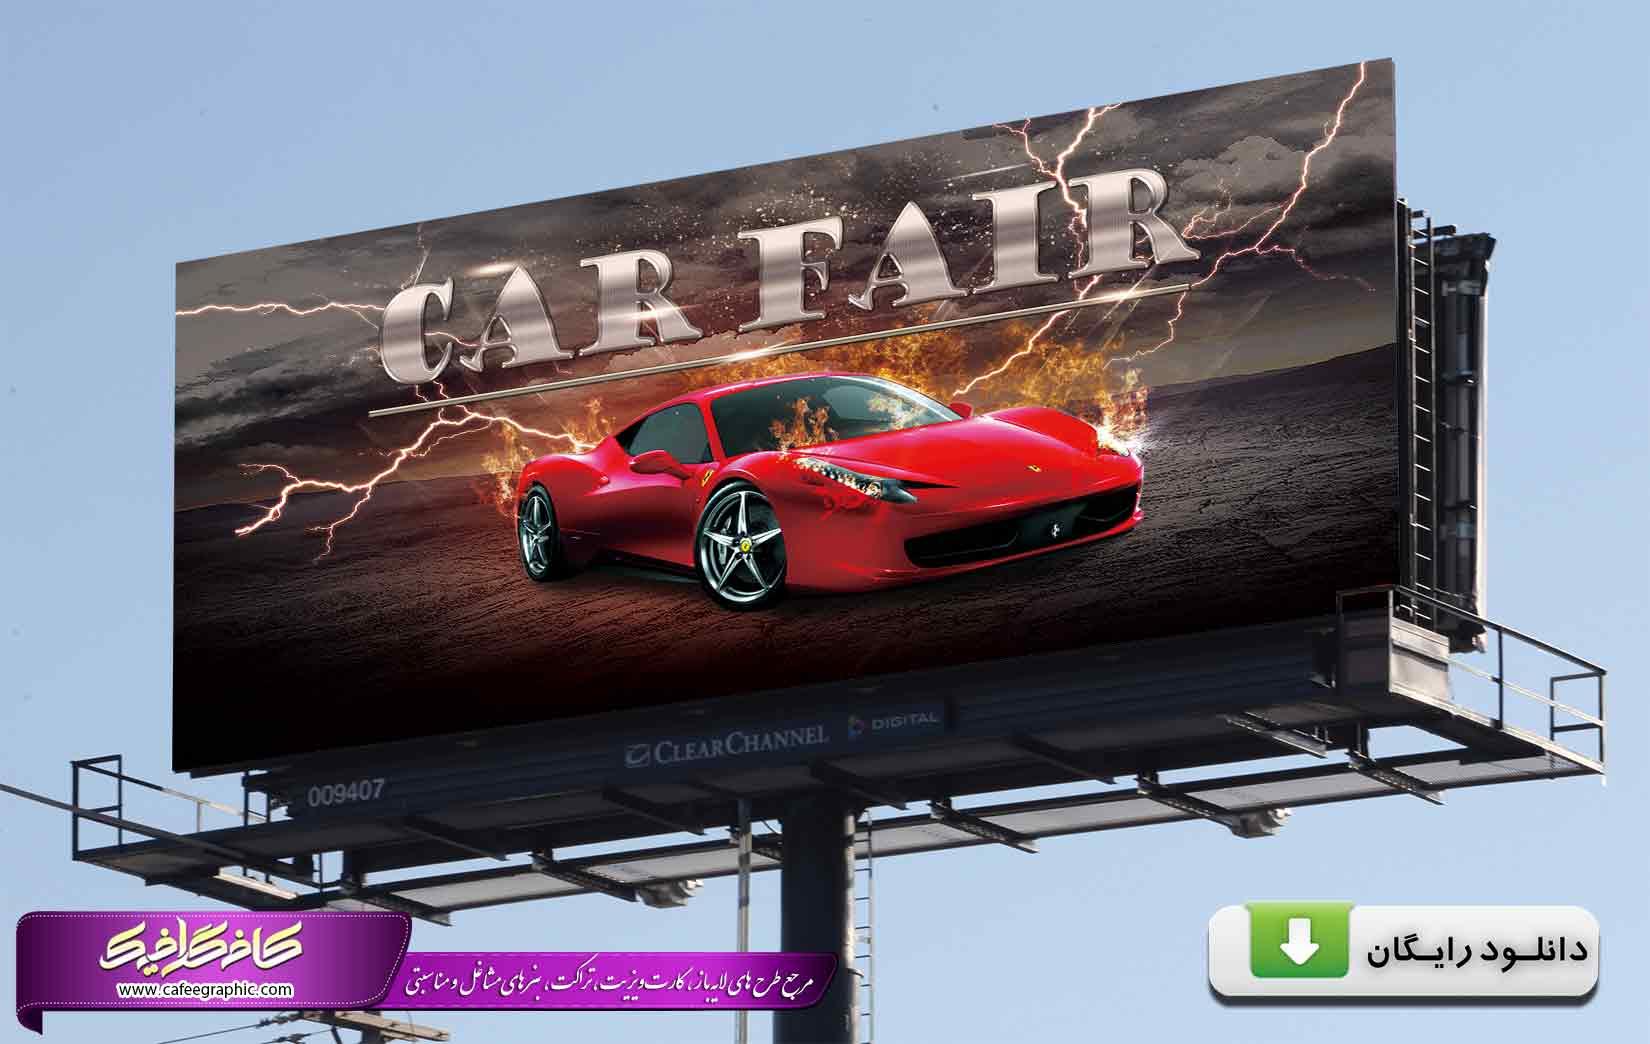 بنر رایگان خوش آمدید نمایشگاه اتومبیل ایرانی و خارجی